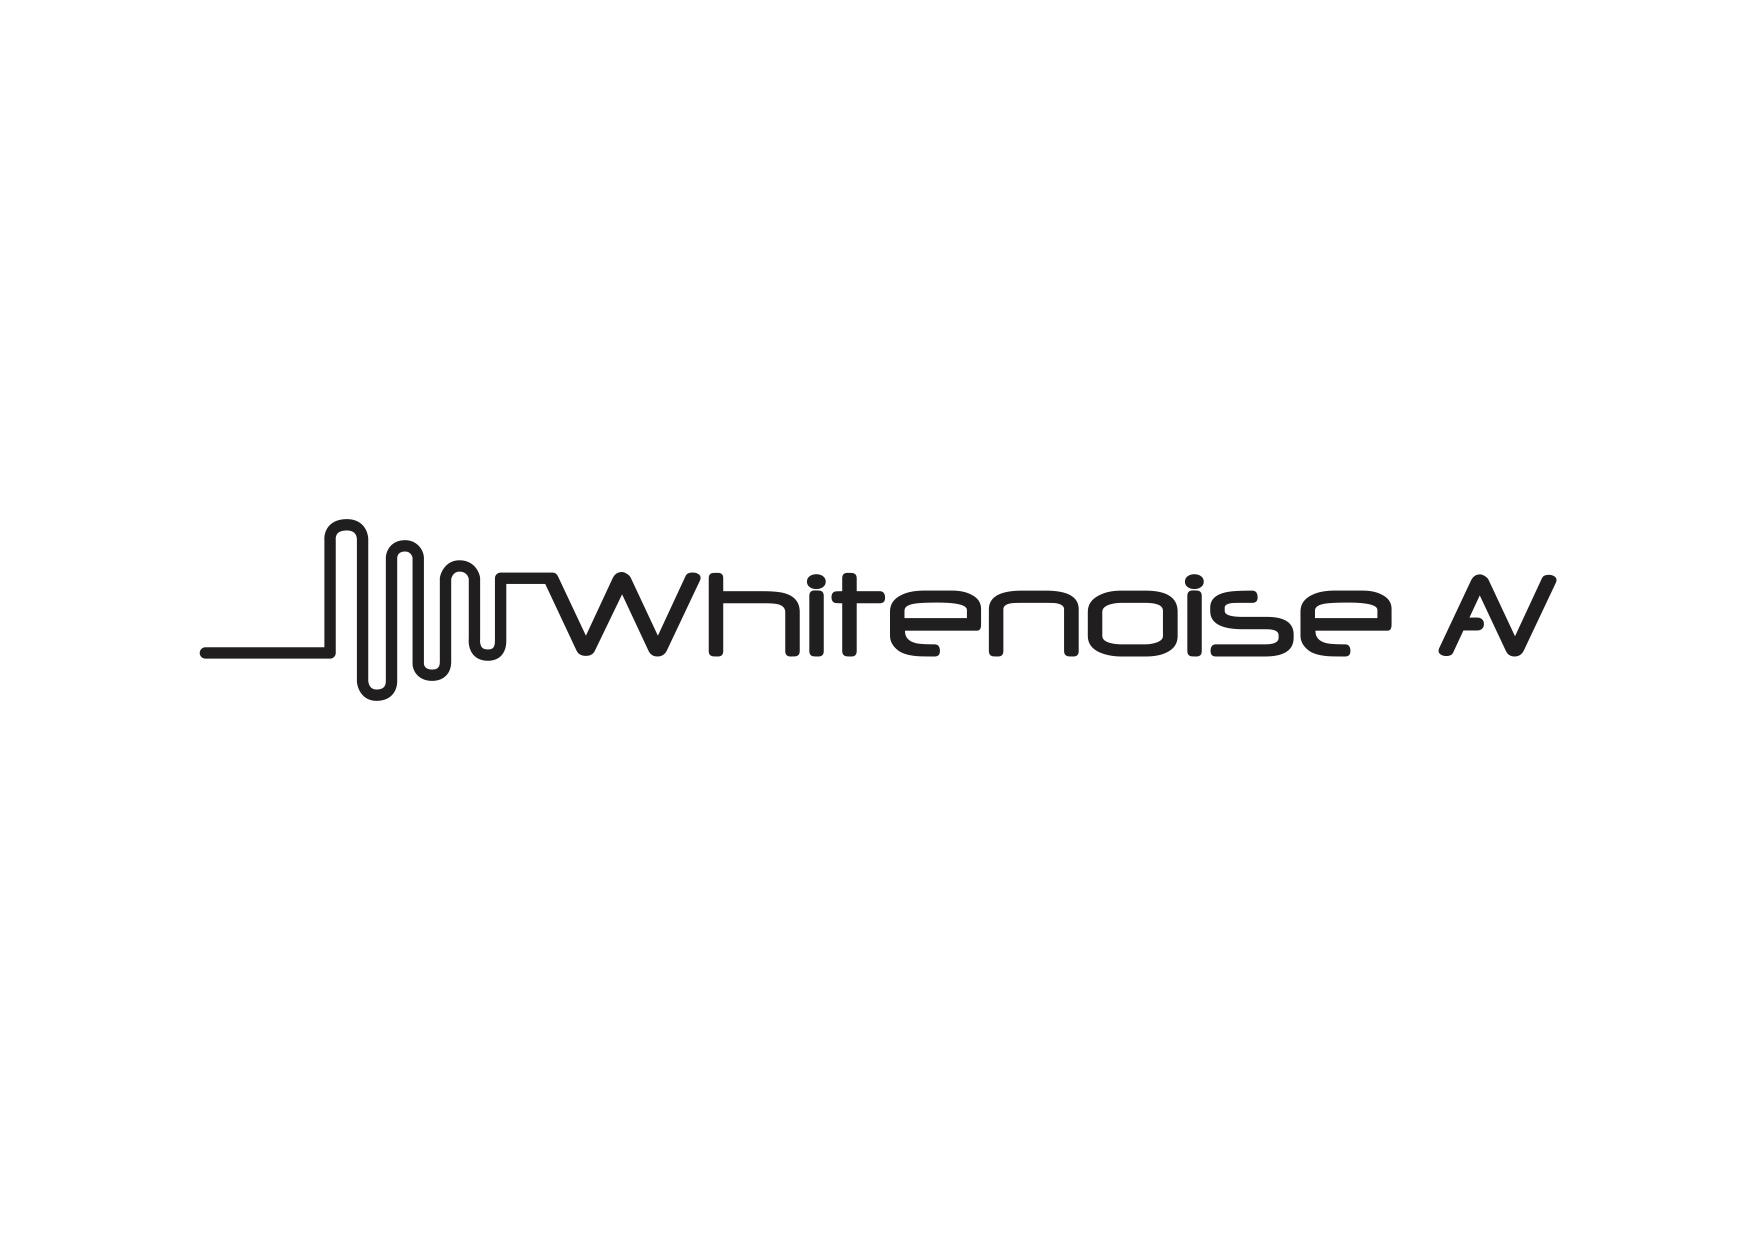 WhitenoiseAV Logo JPEG (1).jpg